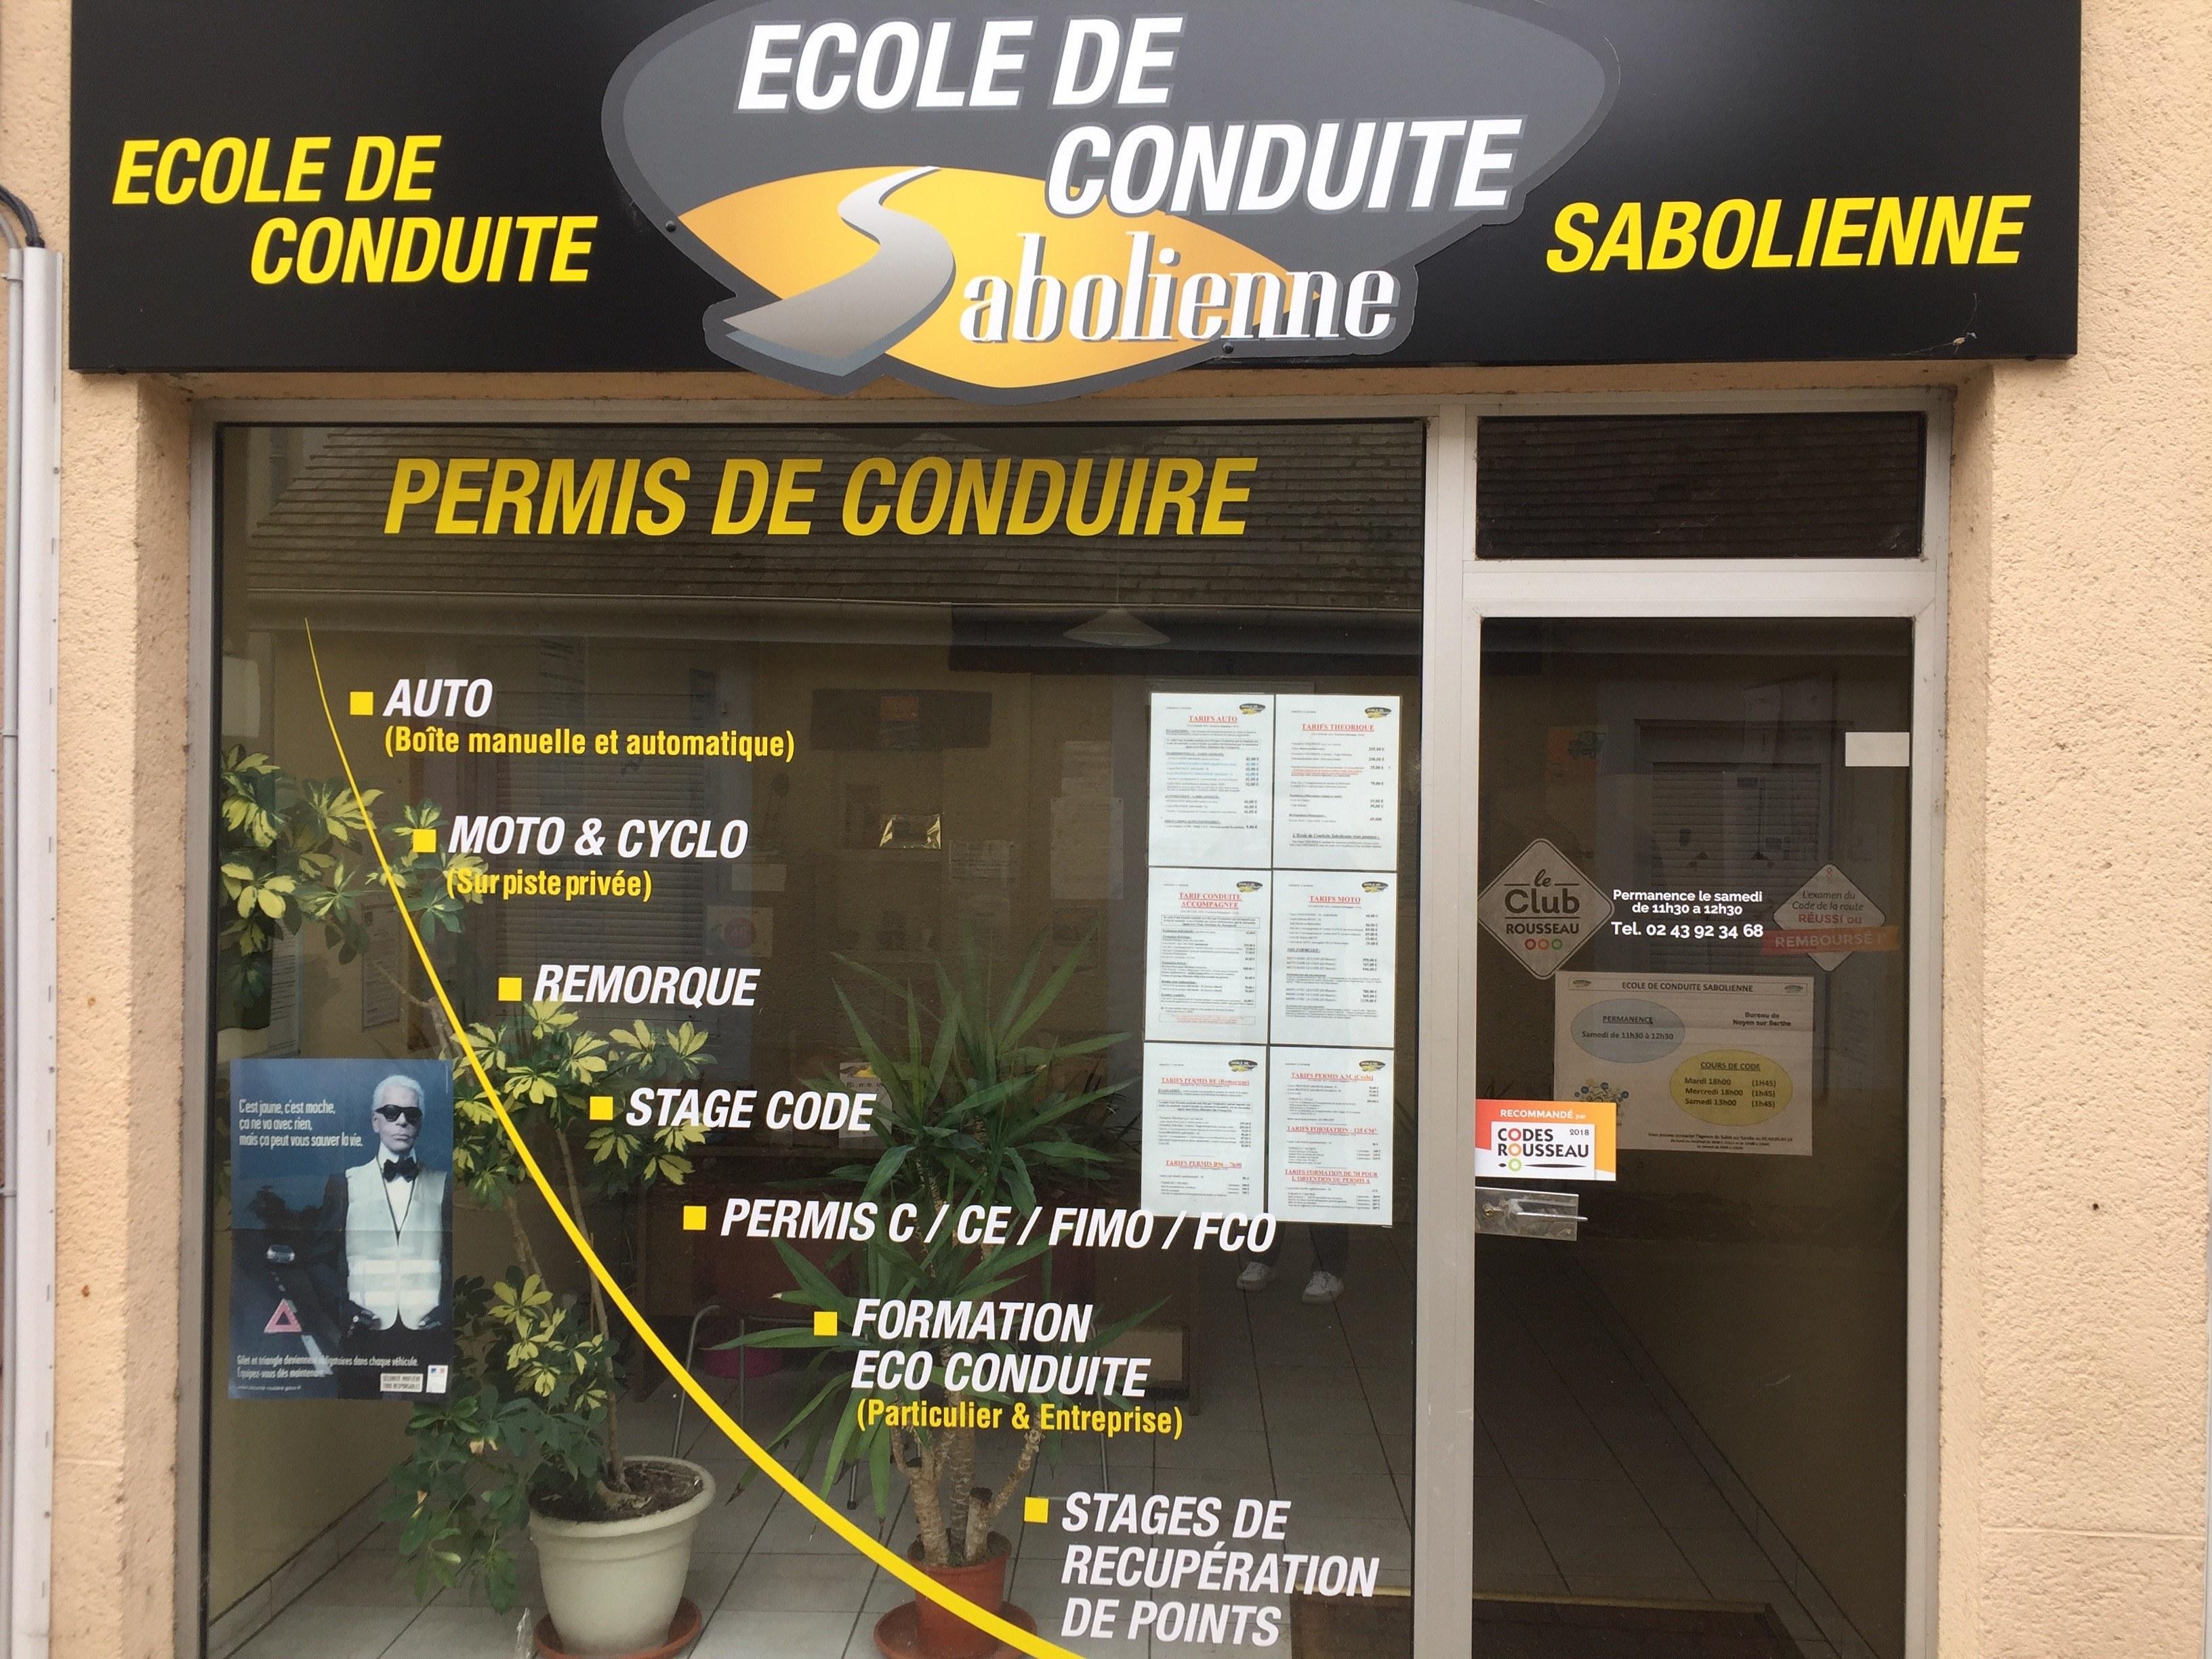 Ecole de conduite sabolienne - Noyen Sur Sarthe